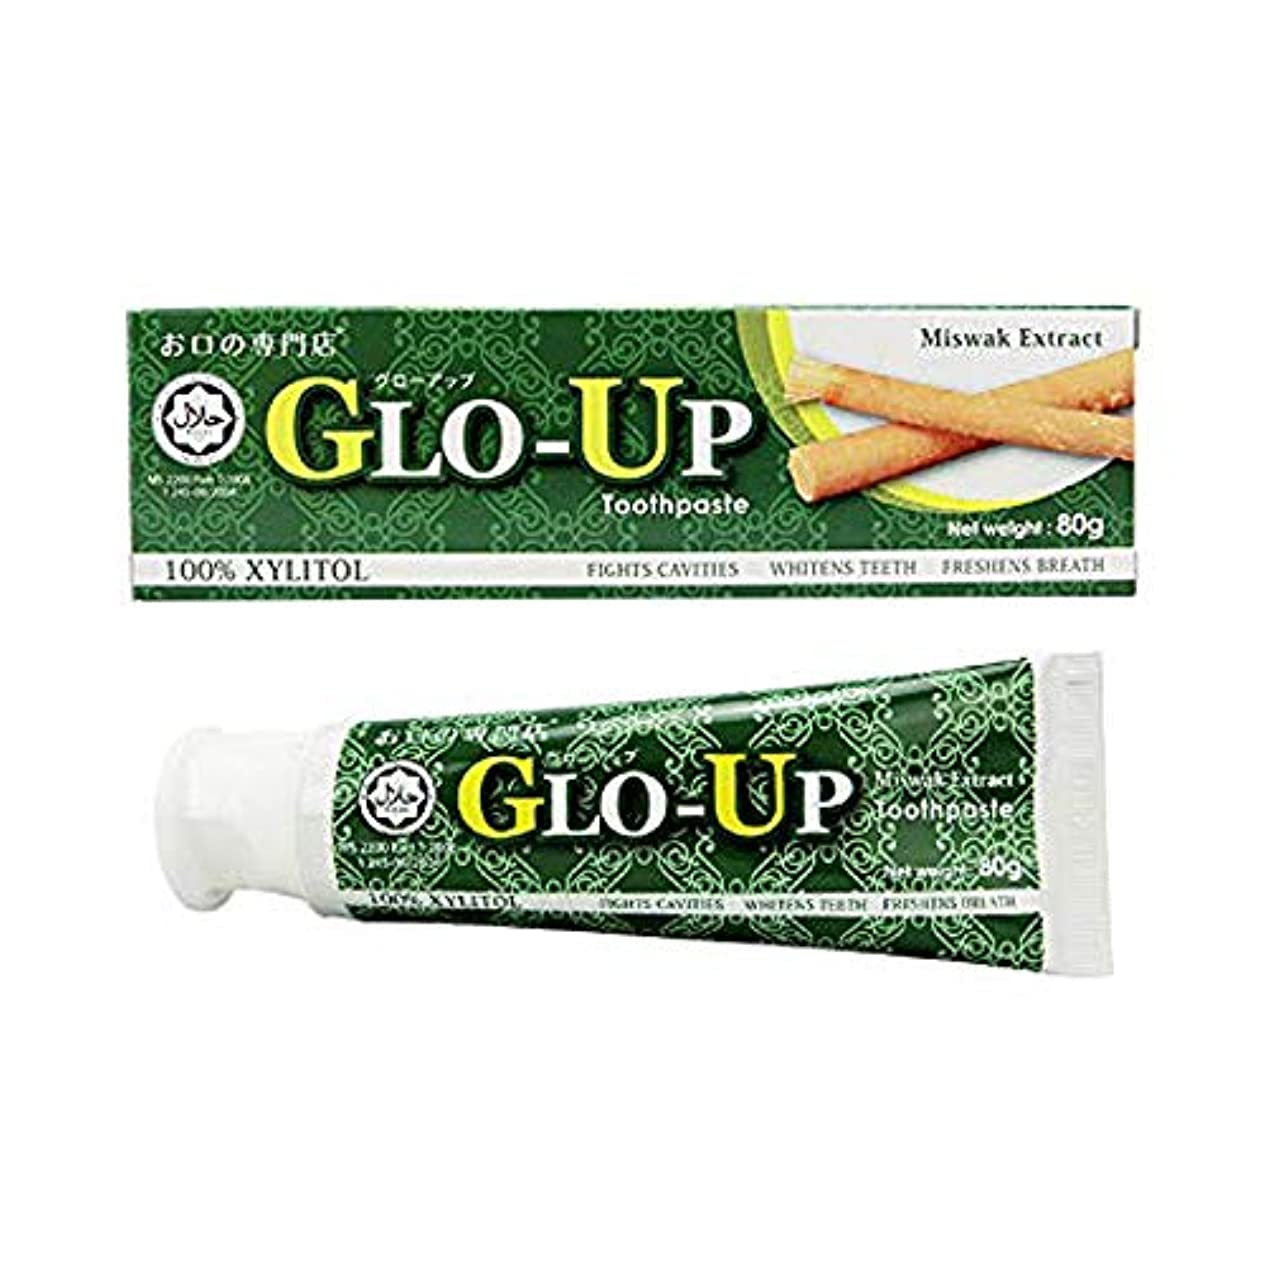 【キシリトール100%】お口の専門店 GLO-UP(グローアップ) 歯磨きペースト 80g×1個 【ハラール認証取得歯磨き剤】フッ素無配合 歯科医院取扱品